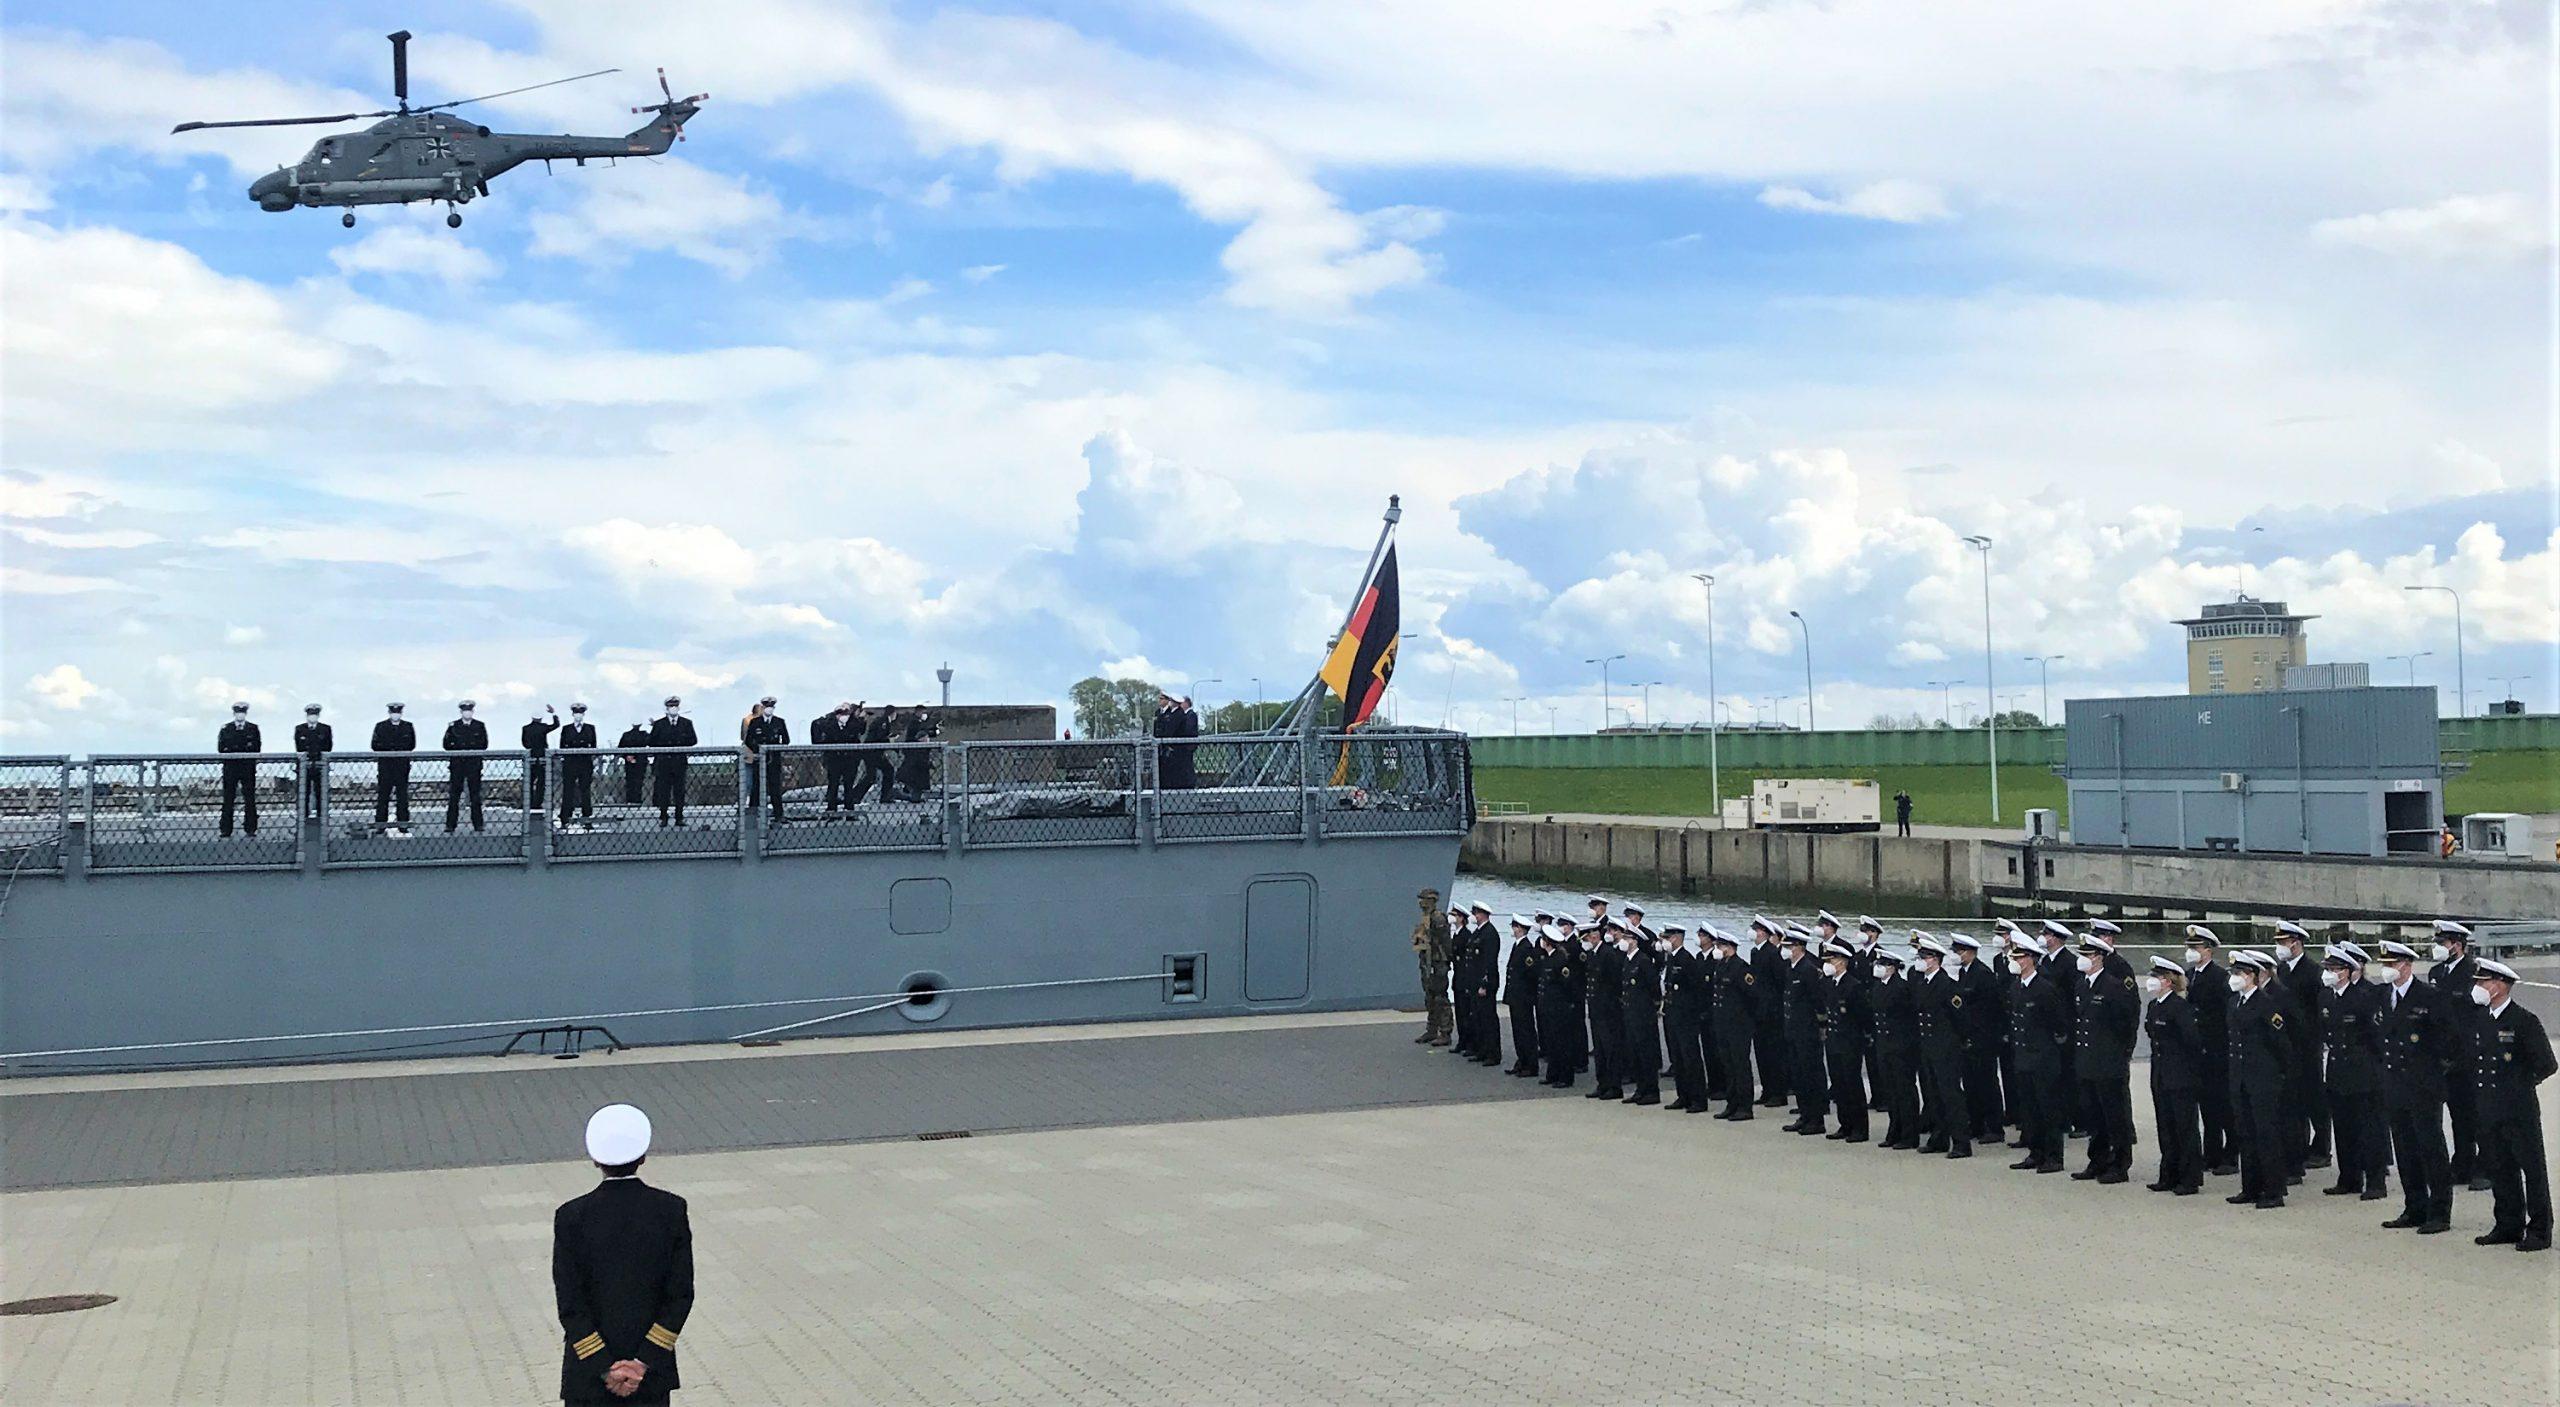 Indienststellung der Fregatte SACHSEN-ANHALT in Wilhelmshaven: Marineangehörige sowie Bordhubschrauber SEA LYNX MK 88 A in der Luft.  Foto: B. Koller.